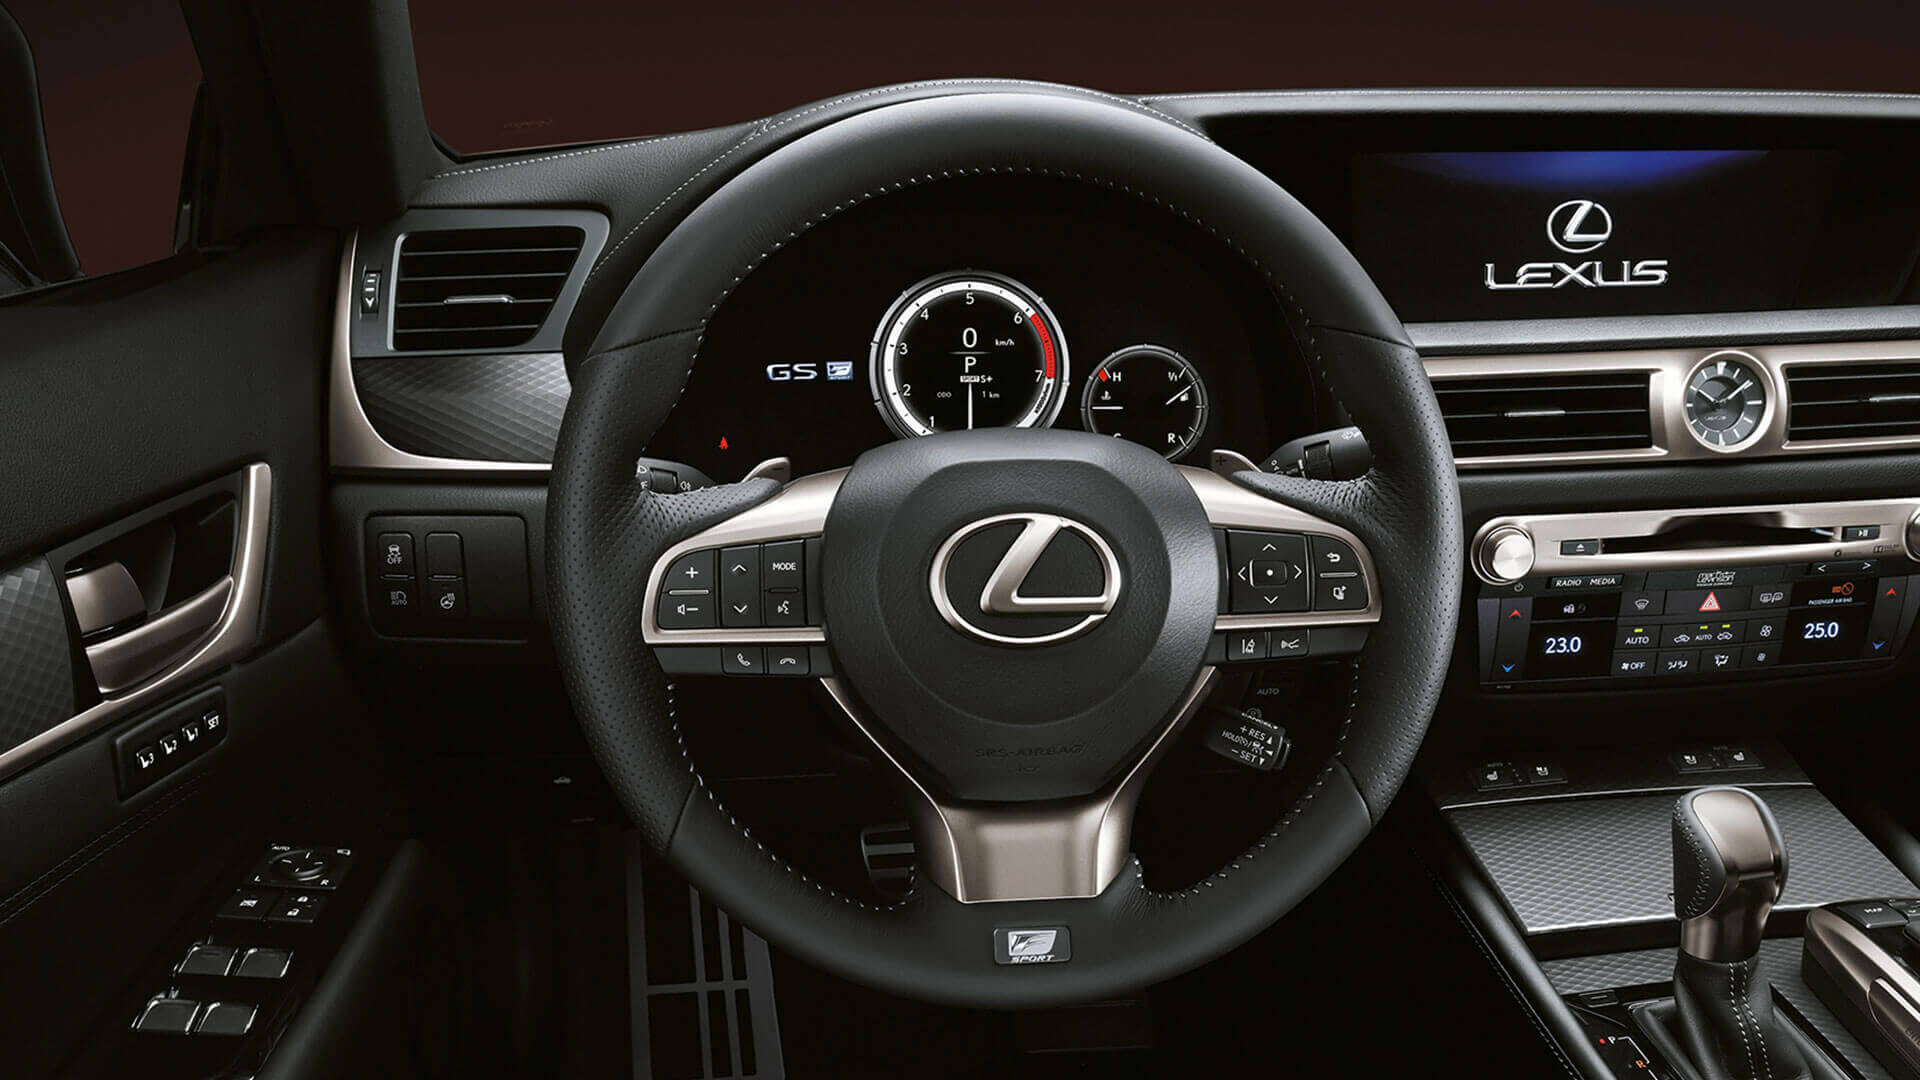 2015 lexus gs 200t features steering wheel